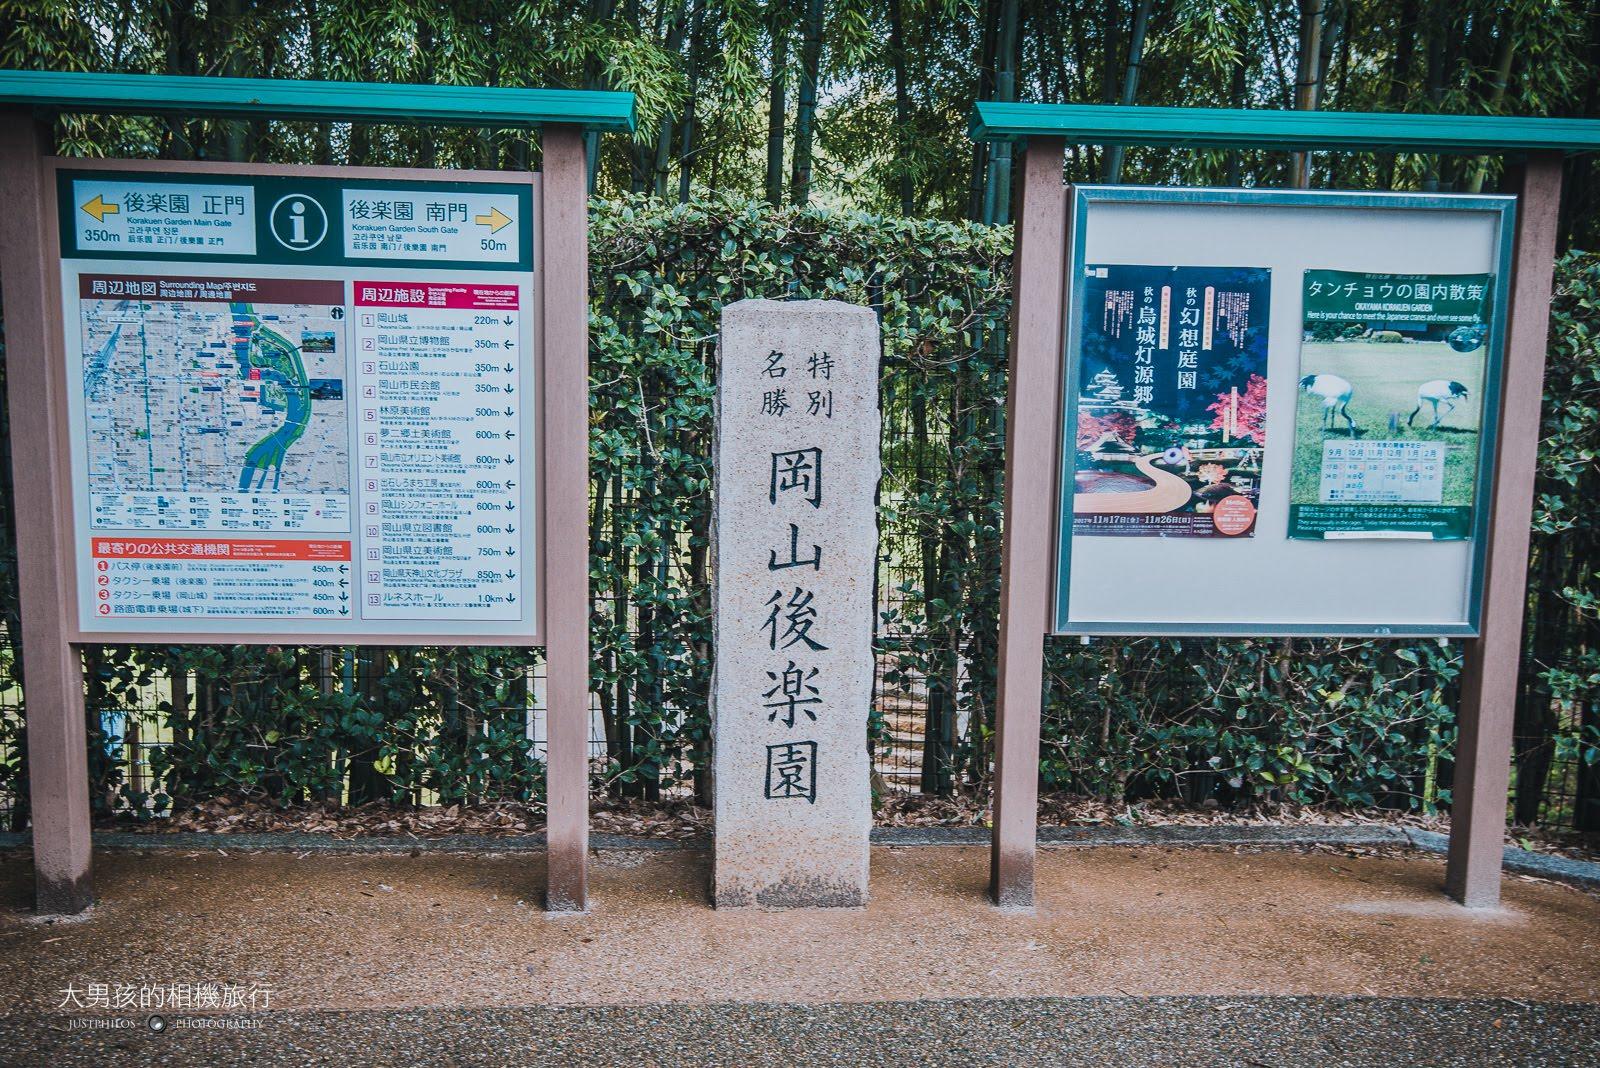 從岡山城可直接順遊前往岡山後樂園。